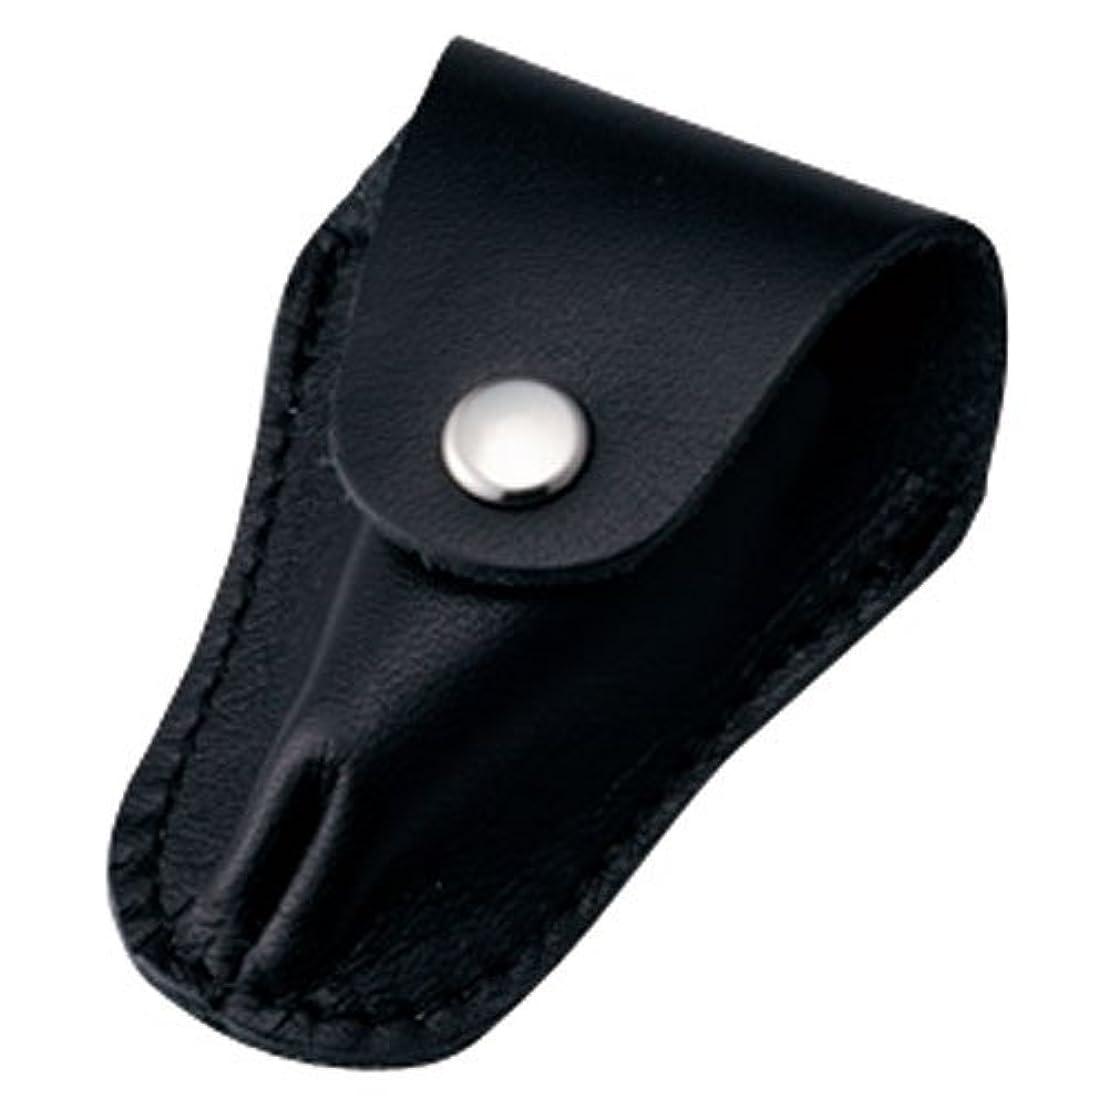 便宜苛性環境保護主義者内海 ニッパーキャップL ブラック 本革製のキューティクルニッパー用刃先カバー